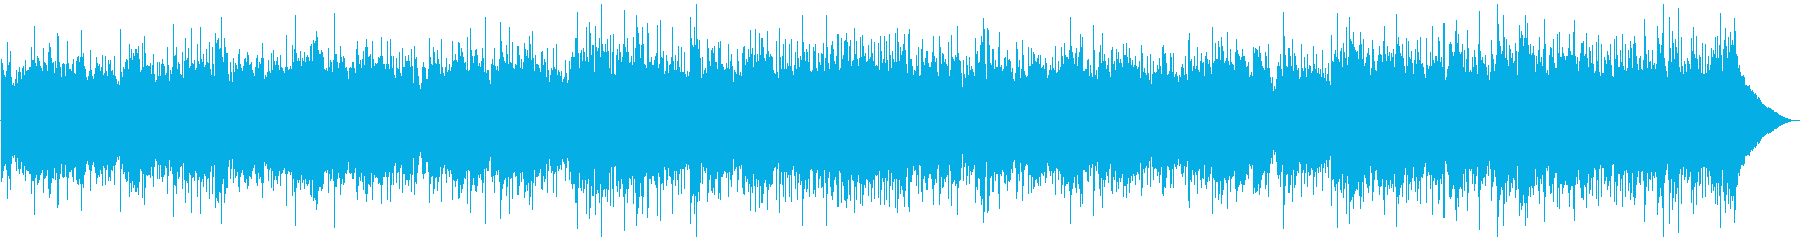 穏やかなカントリーバラードBGMの再生済みの波形